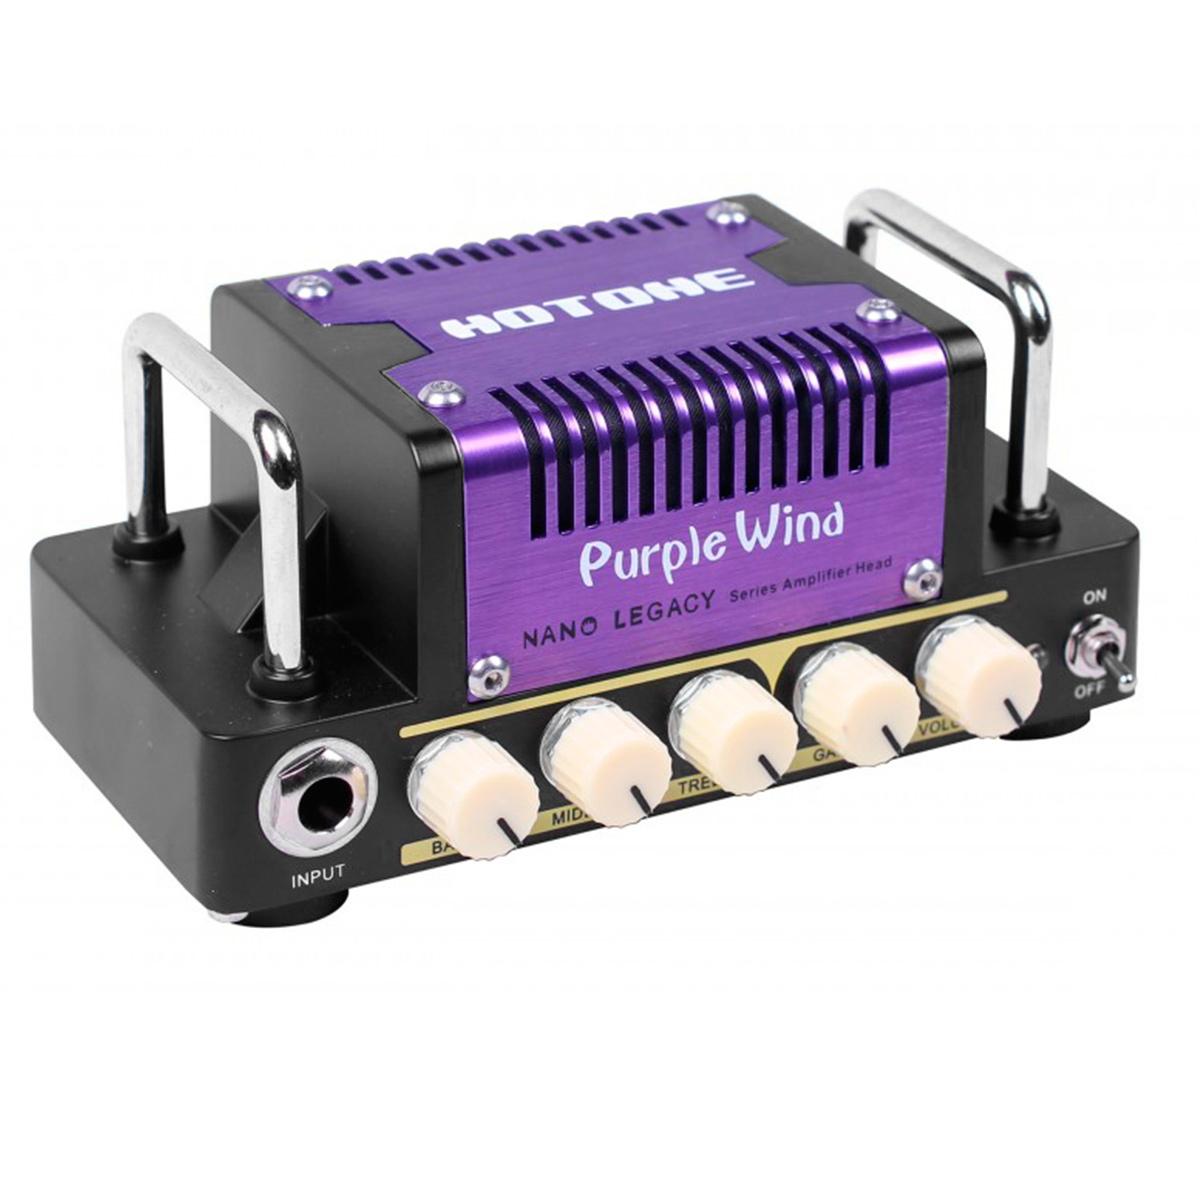 Cabeçote Guitarra Purple Wind NLA 2 - Hotone